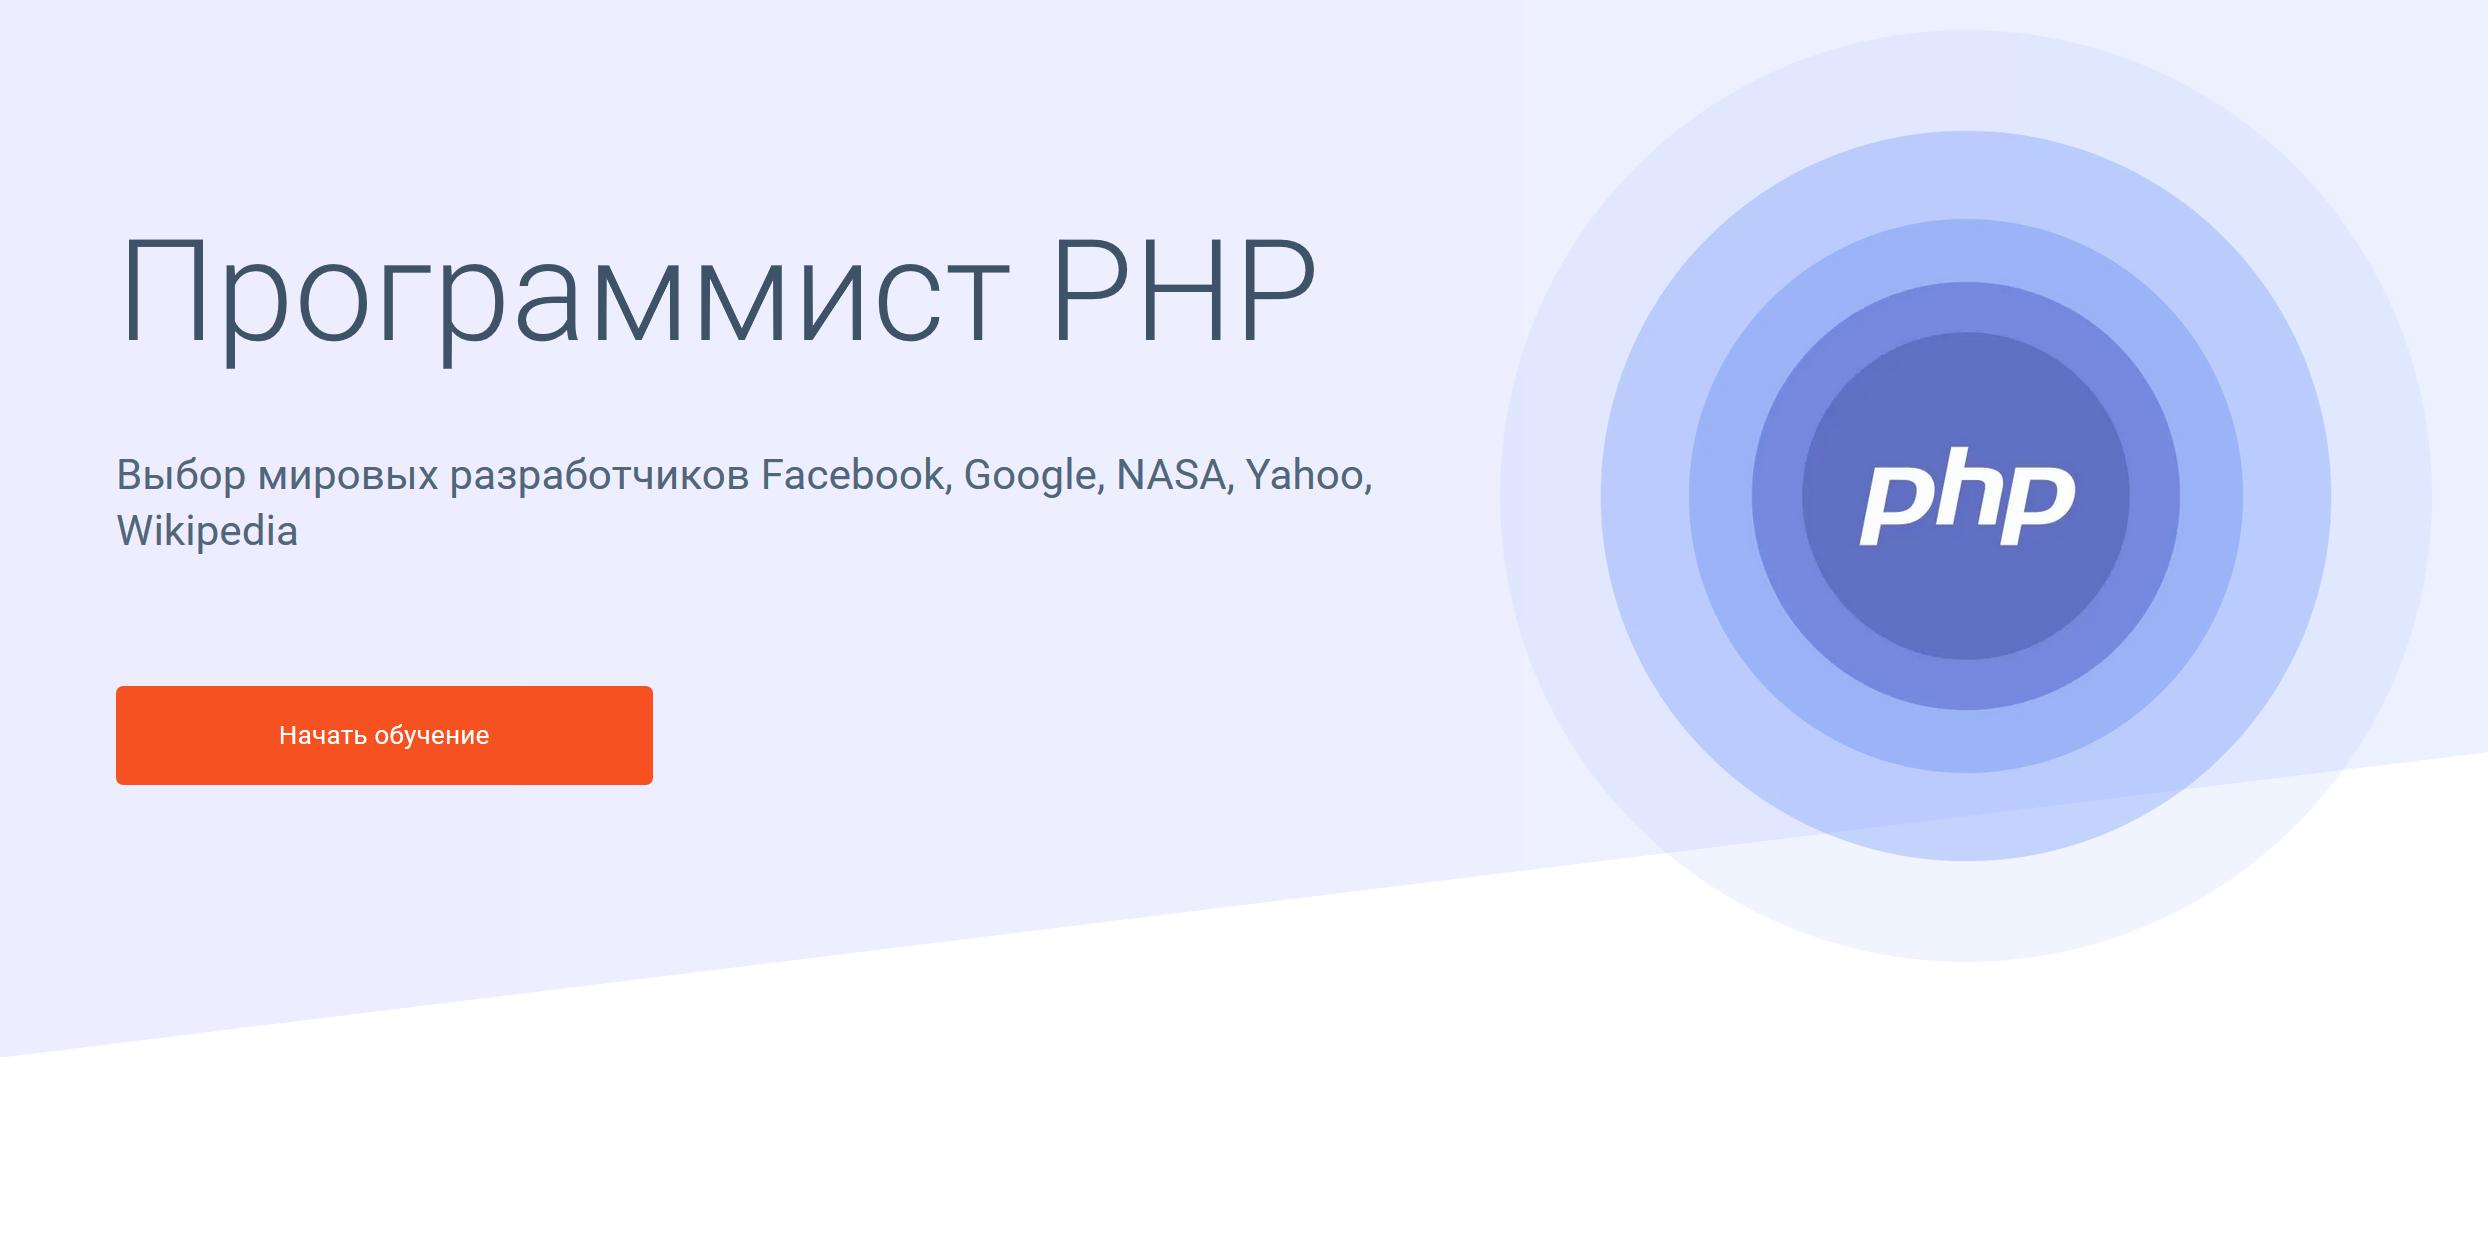 Обучение на PHP разработчика, PHP developer - обучение от профессионалов GeekBrains - образовательный портал GeekBrains - образовательный портал